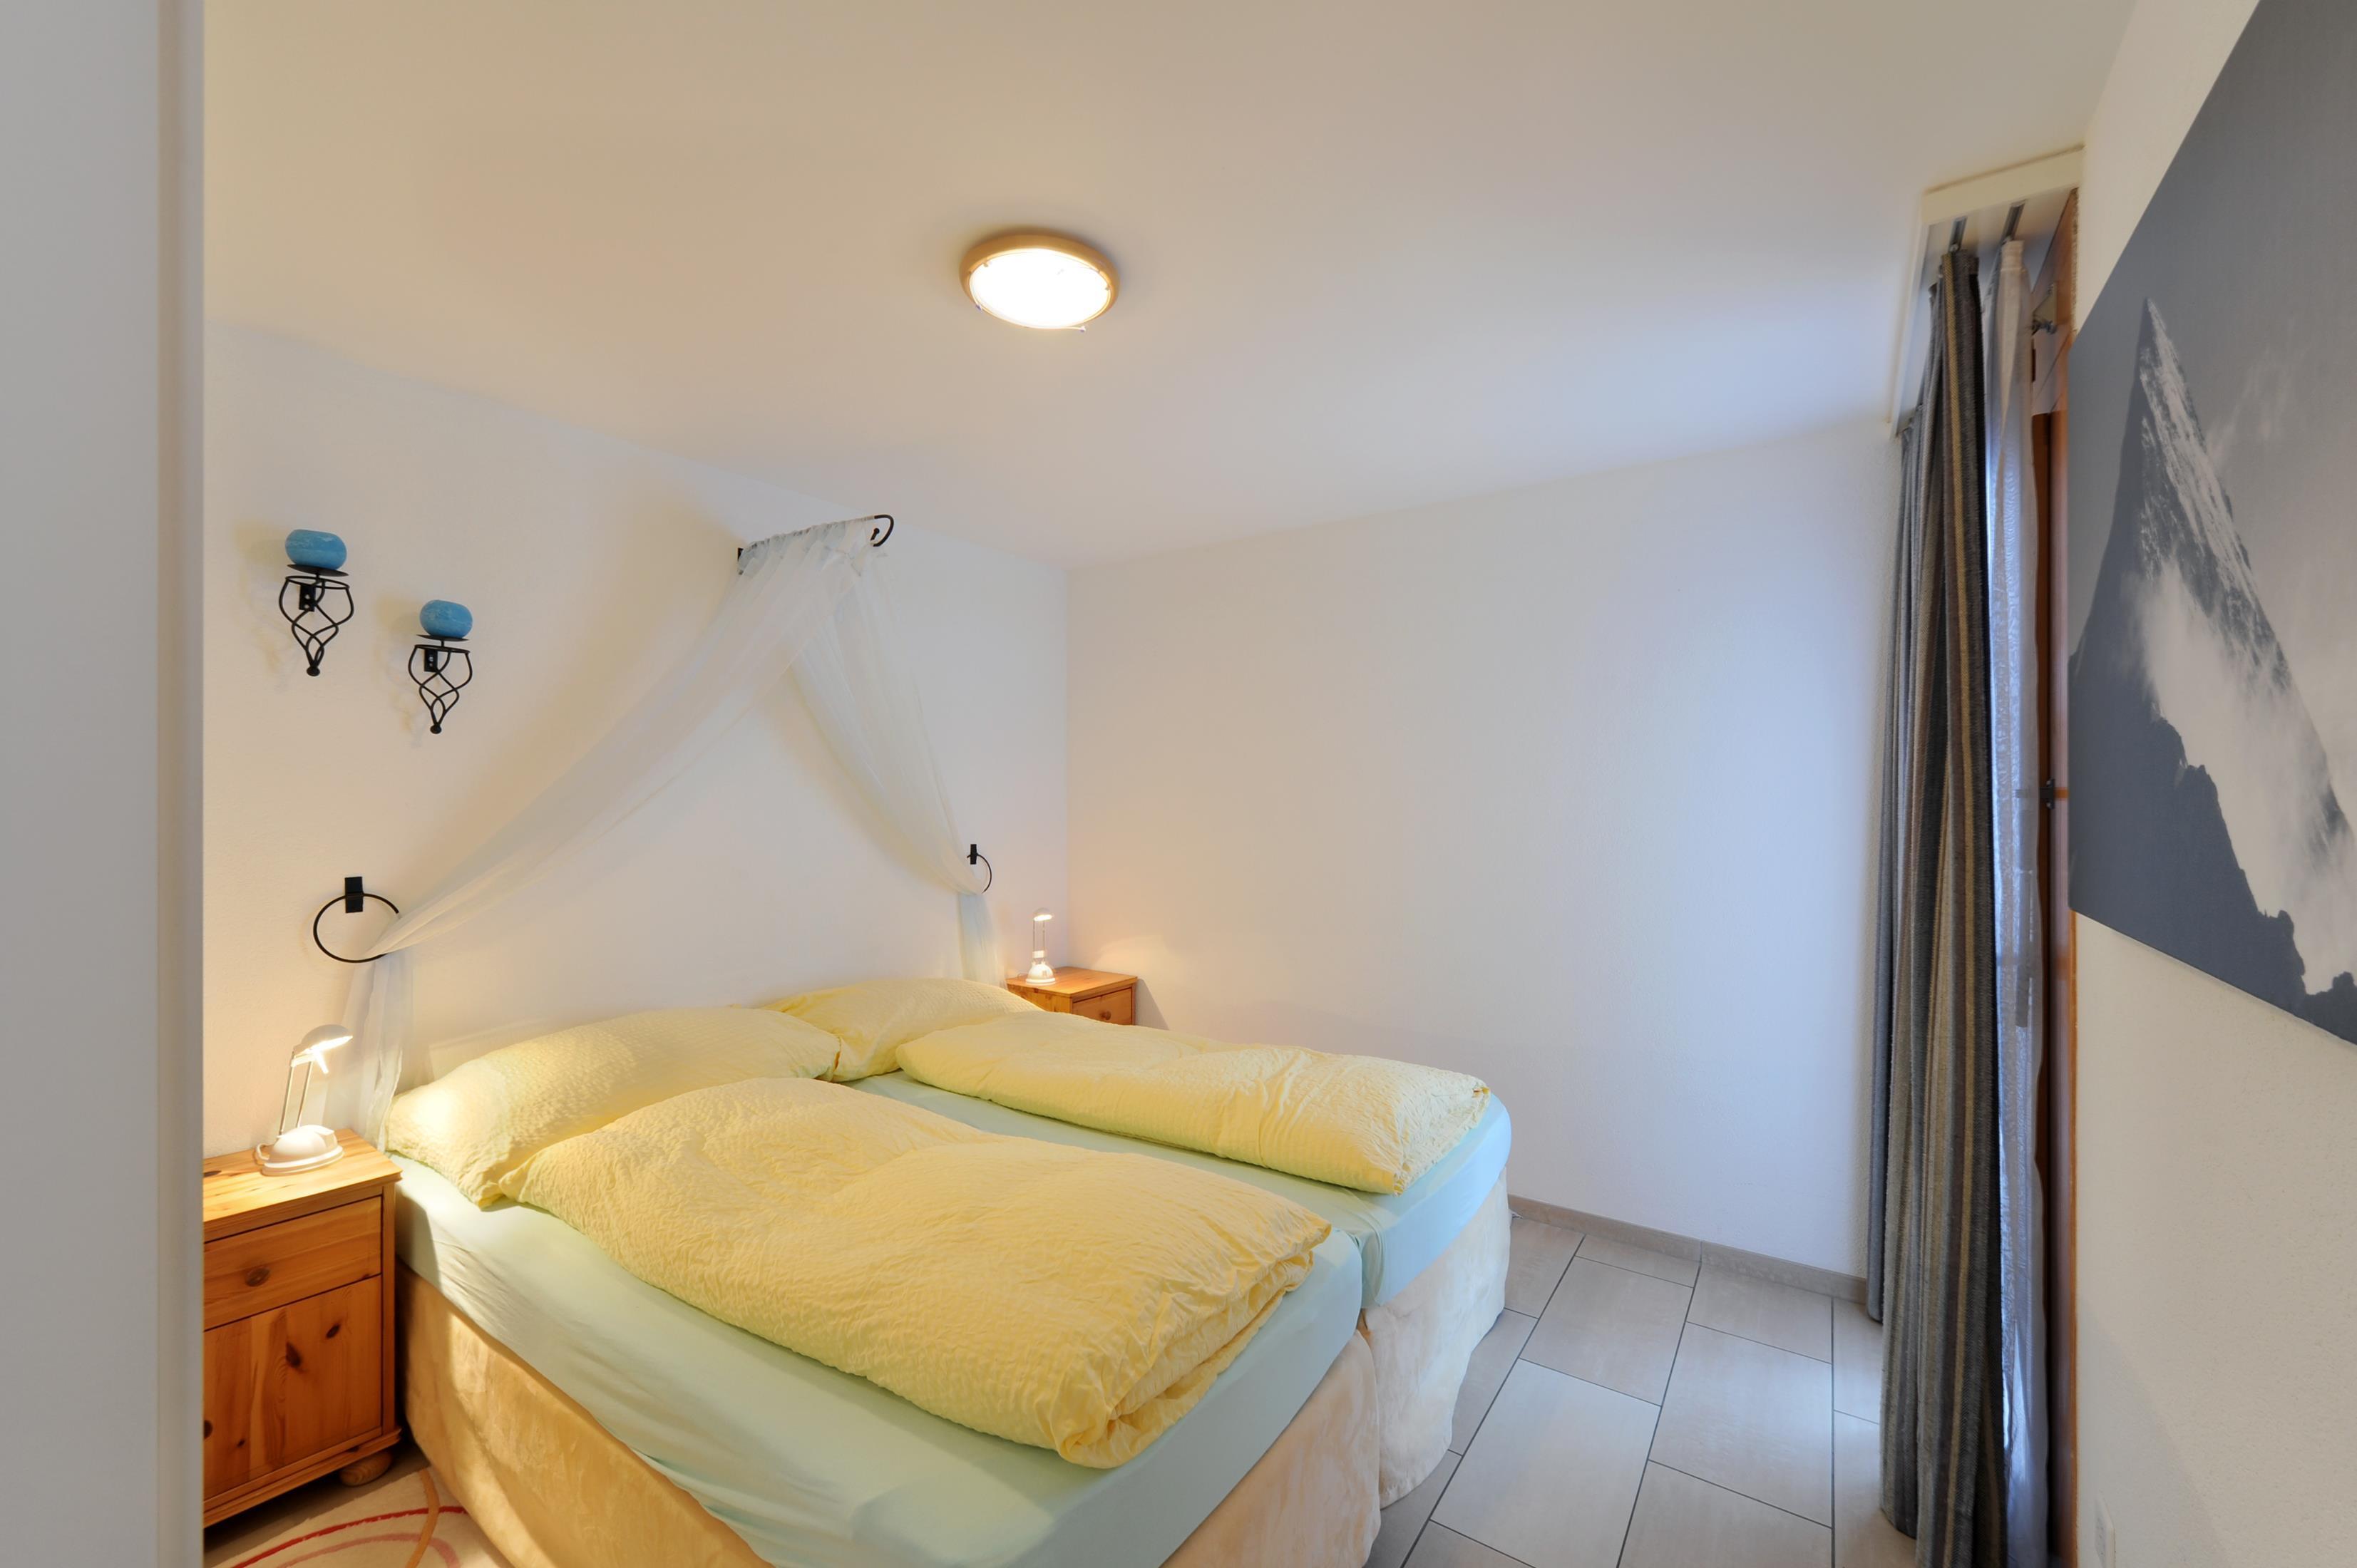 Appartement de vacances Steinbilla 2 Bett Ferienwohnung (2692218), Grindelwald, Région de la Jungfrau, Oberland bernois, Suisse, image 8